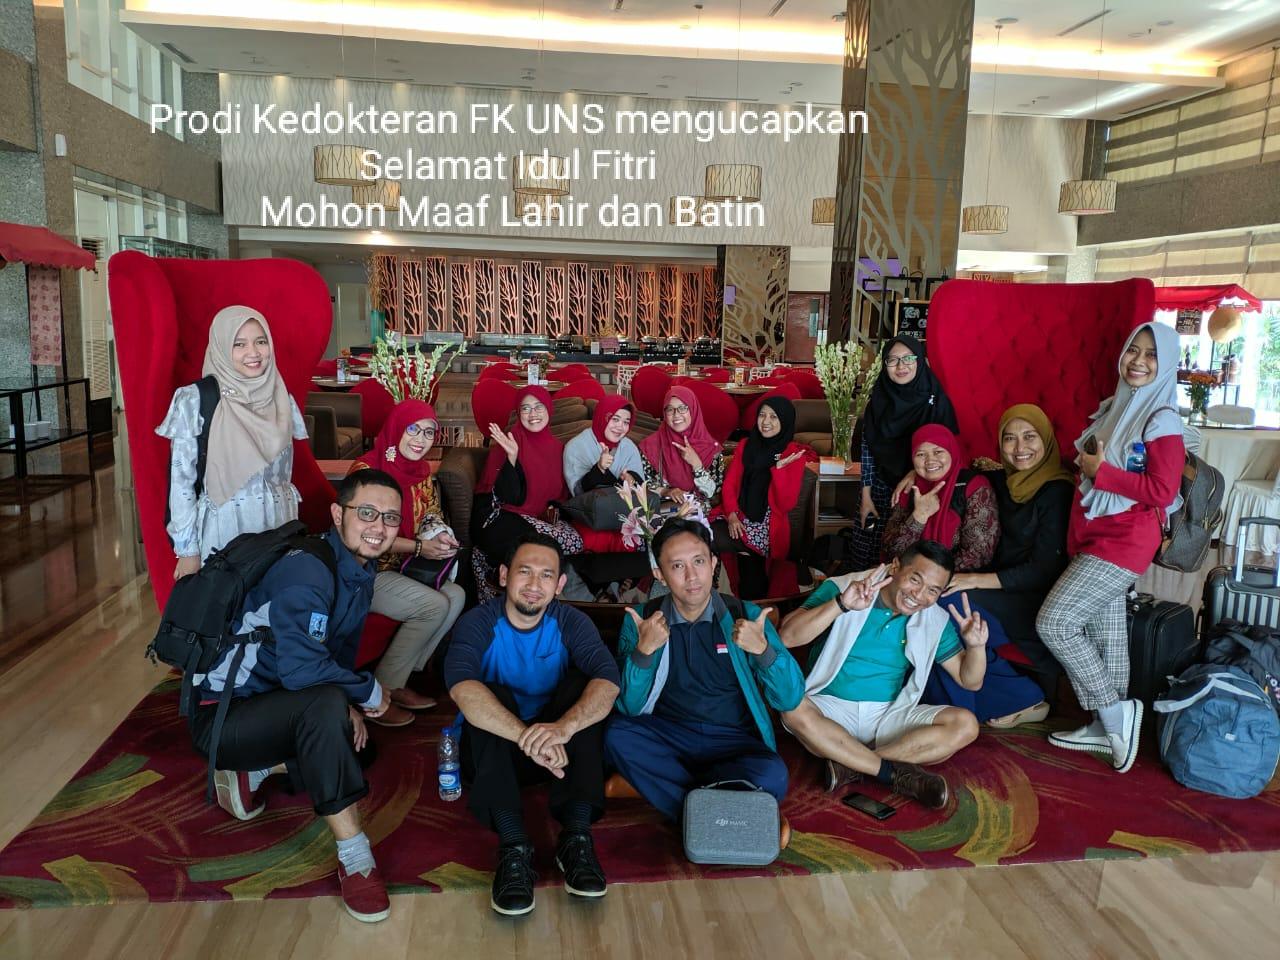 Program Studi Kedokteran FK UNS mengucapkan Selamat Hari Raya Idul Fitri 1441 H